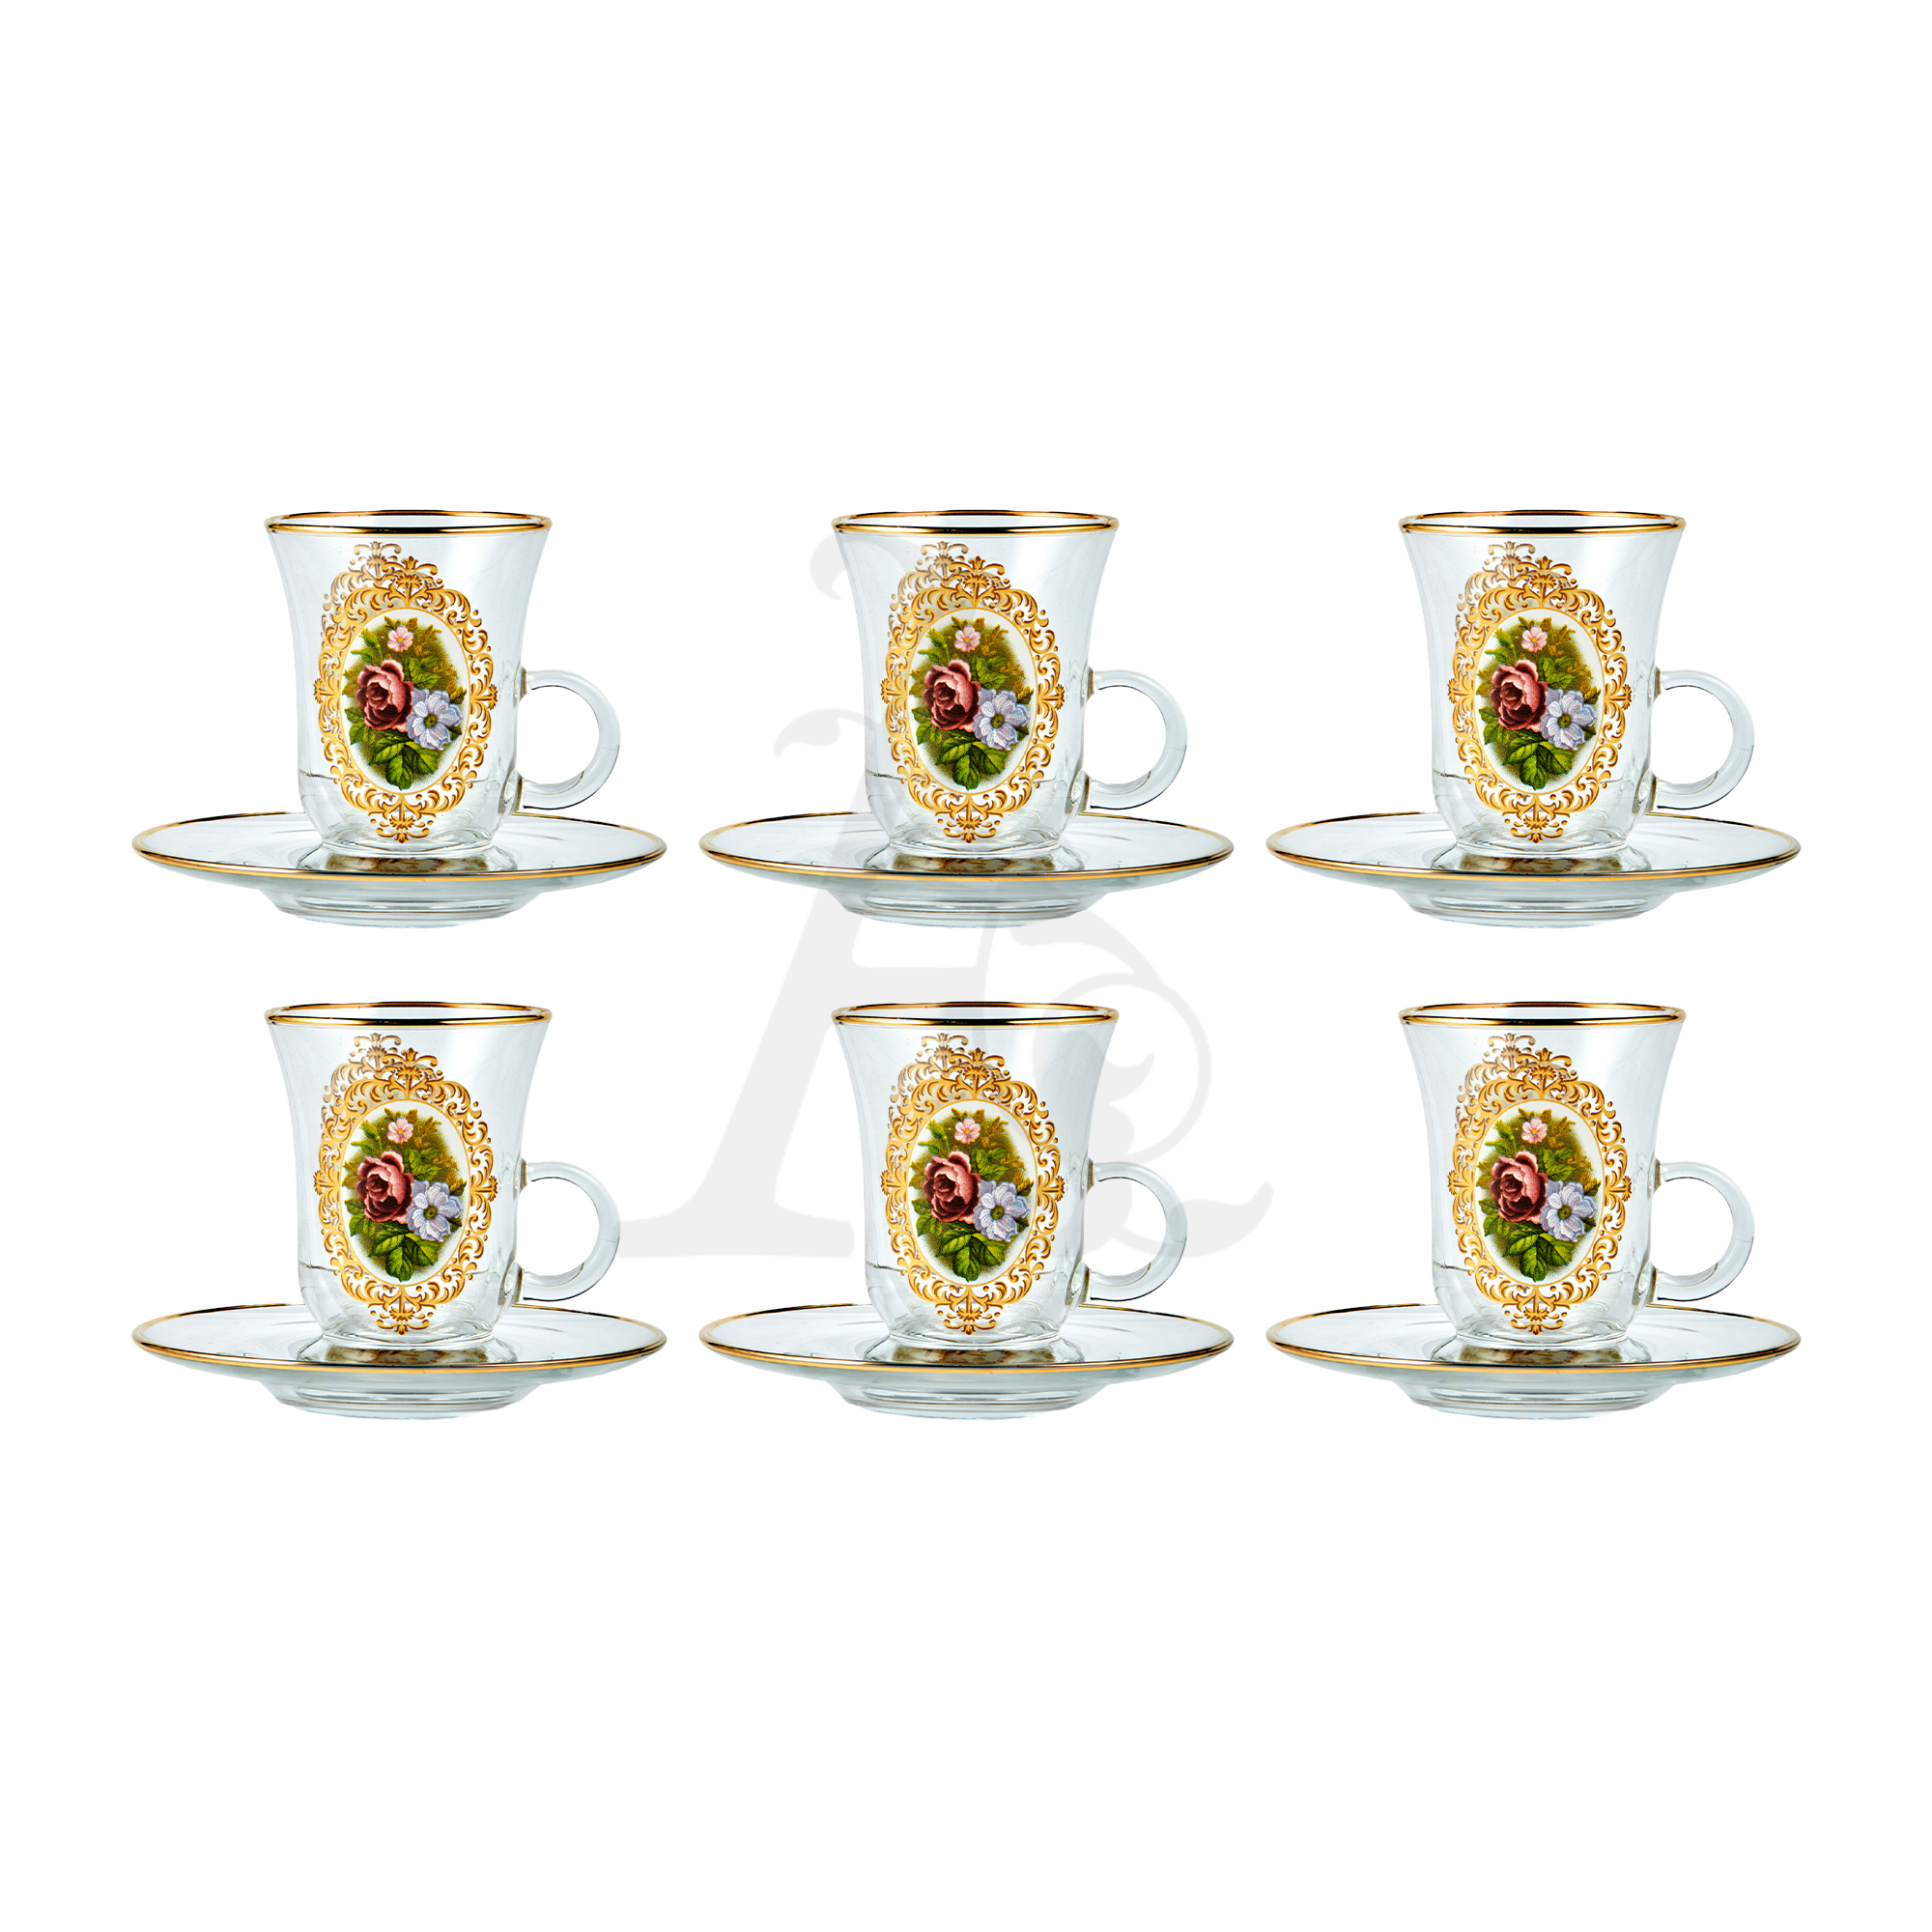 Buy Floral Tea glass set with handles 12 Pcs 55553